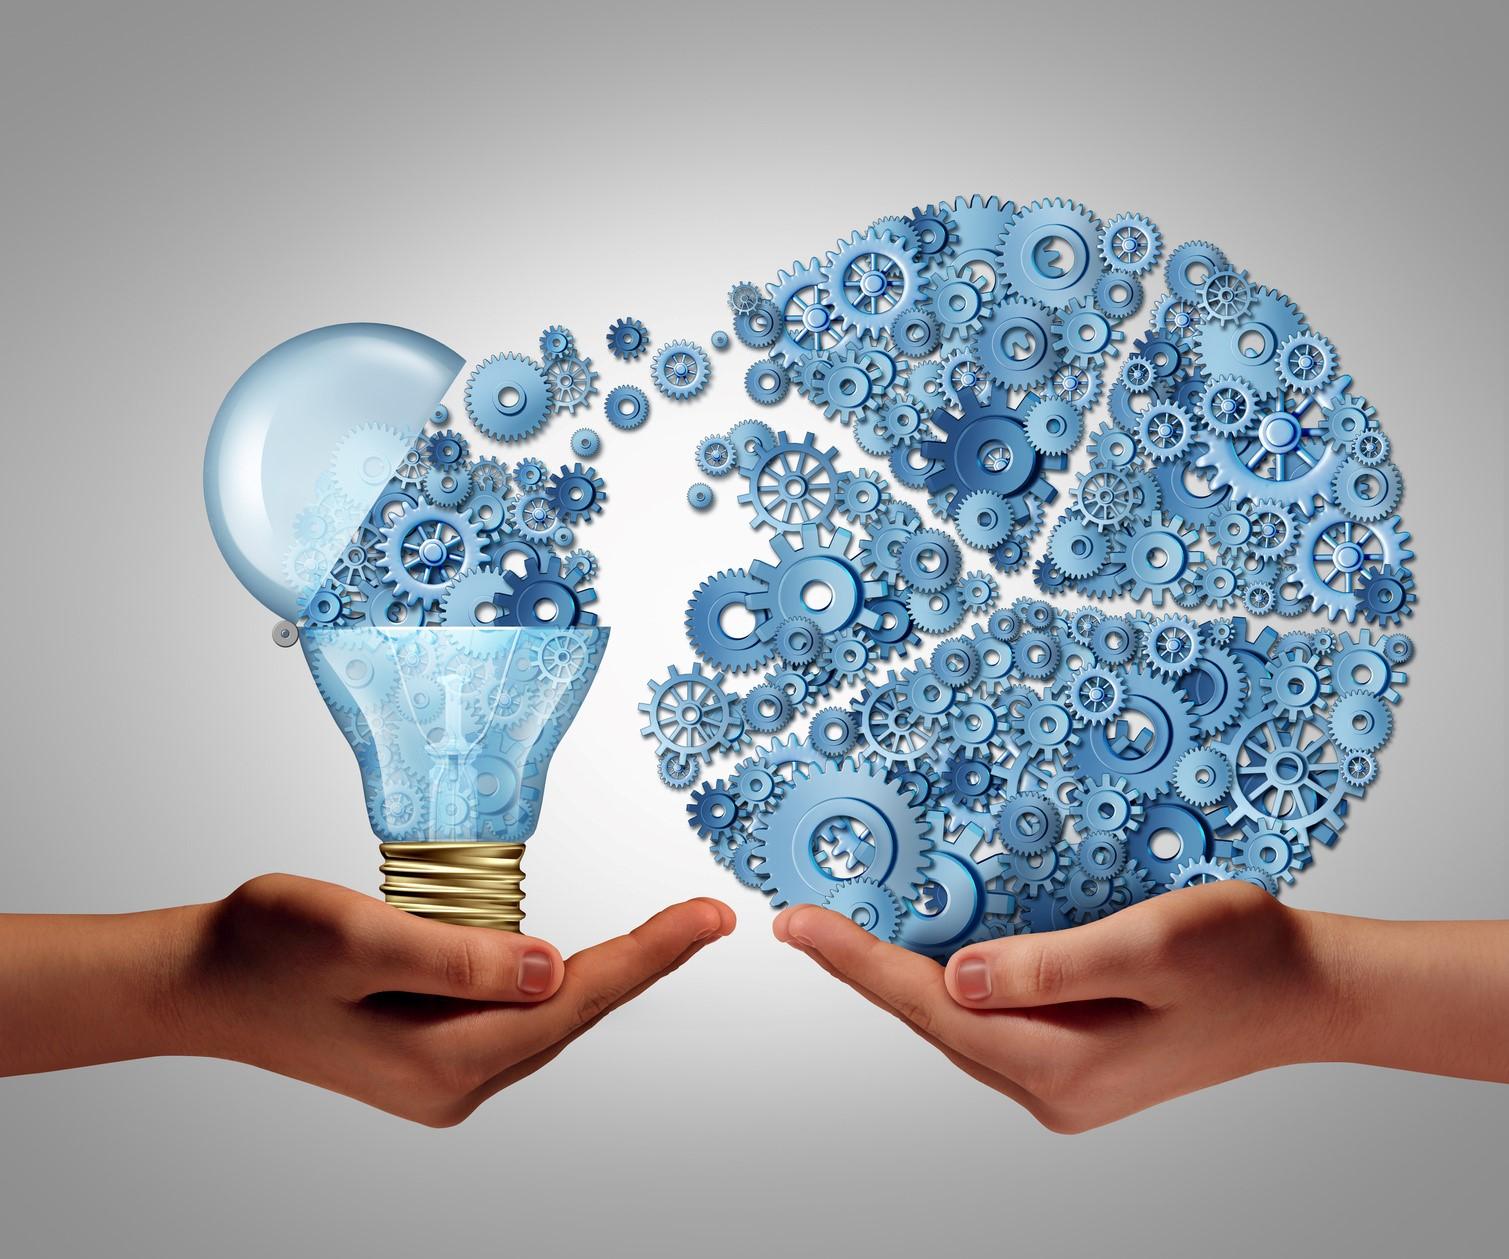 Trop d'innovations simultanées n'ont aucun impact sur la performance des entreprises